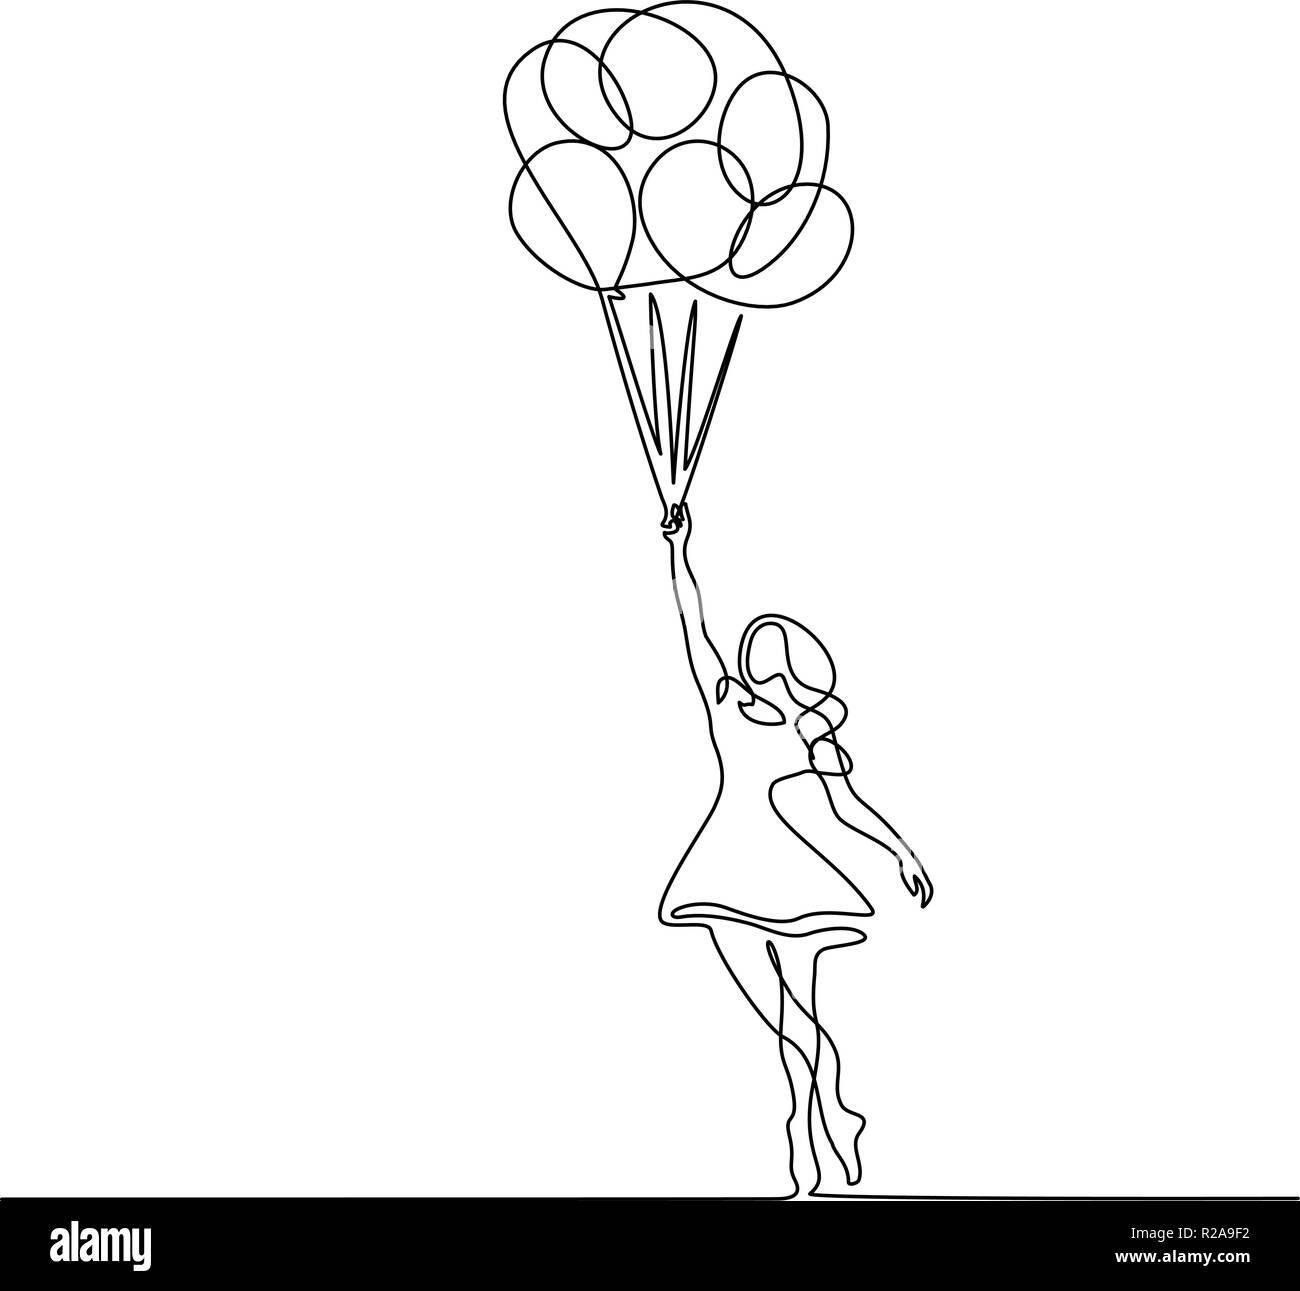 Kontinuierliche Eine Linie Zeichnen Madchen Fliegen In Der Luft Mit